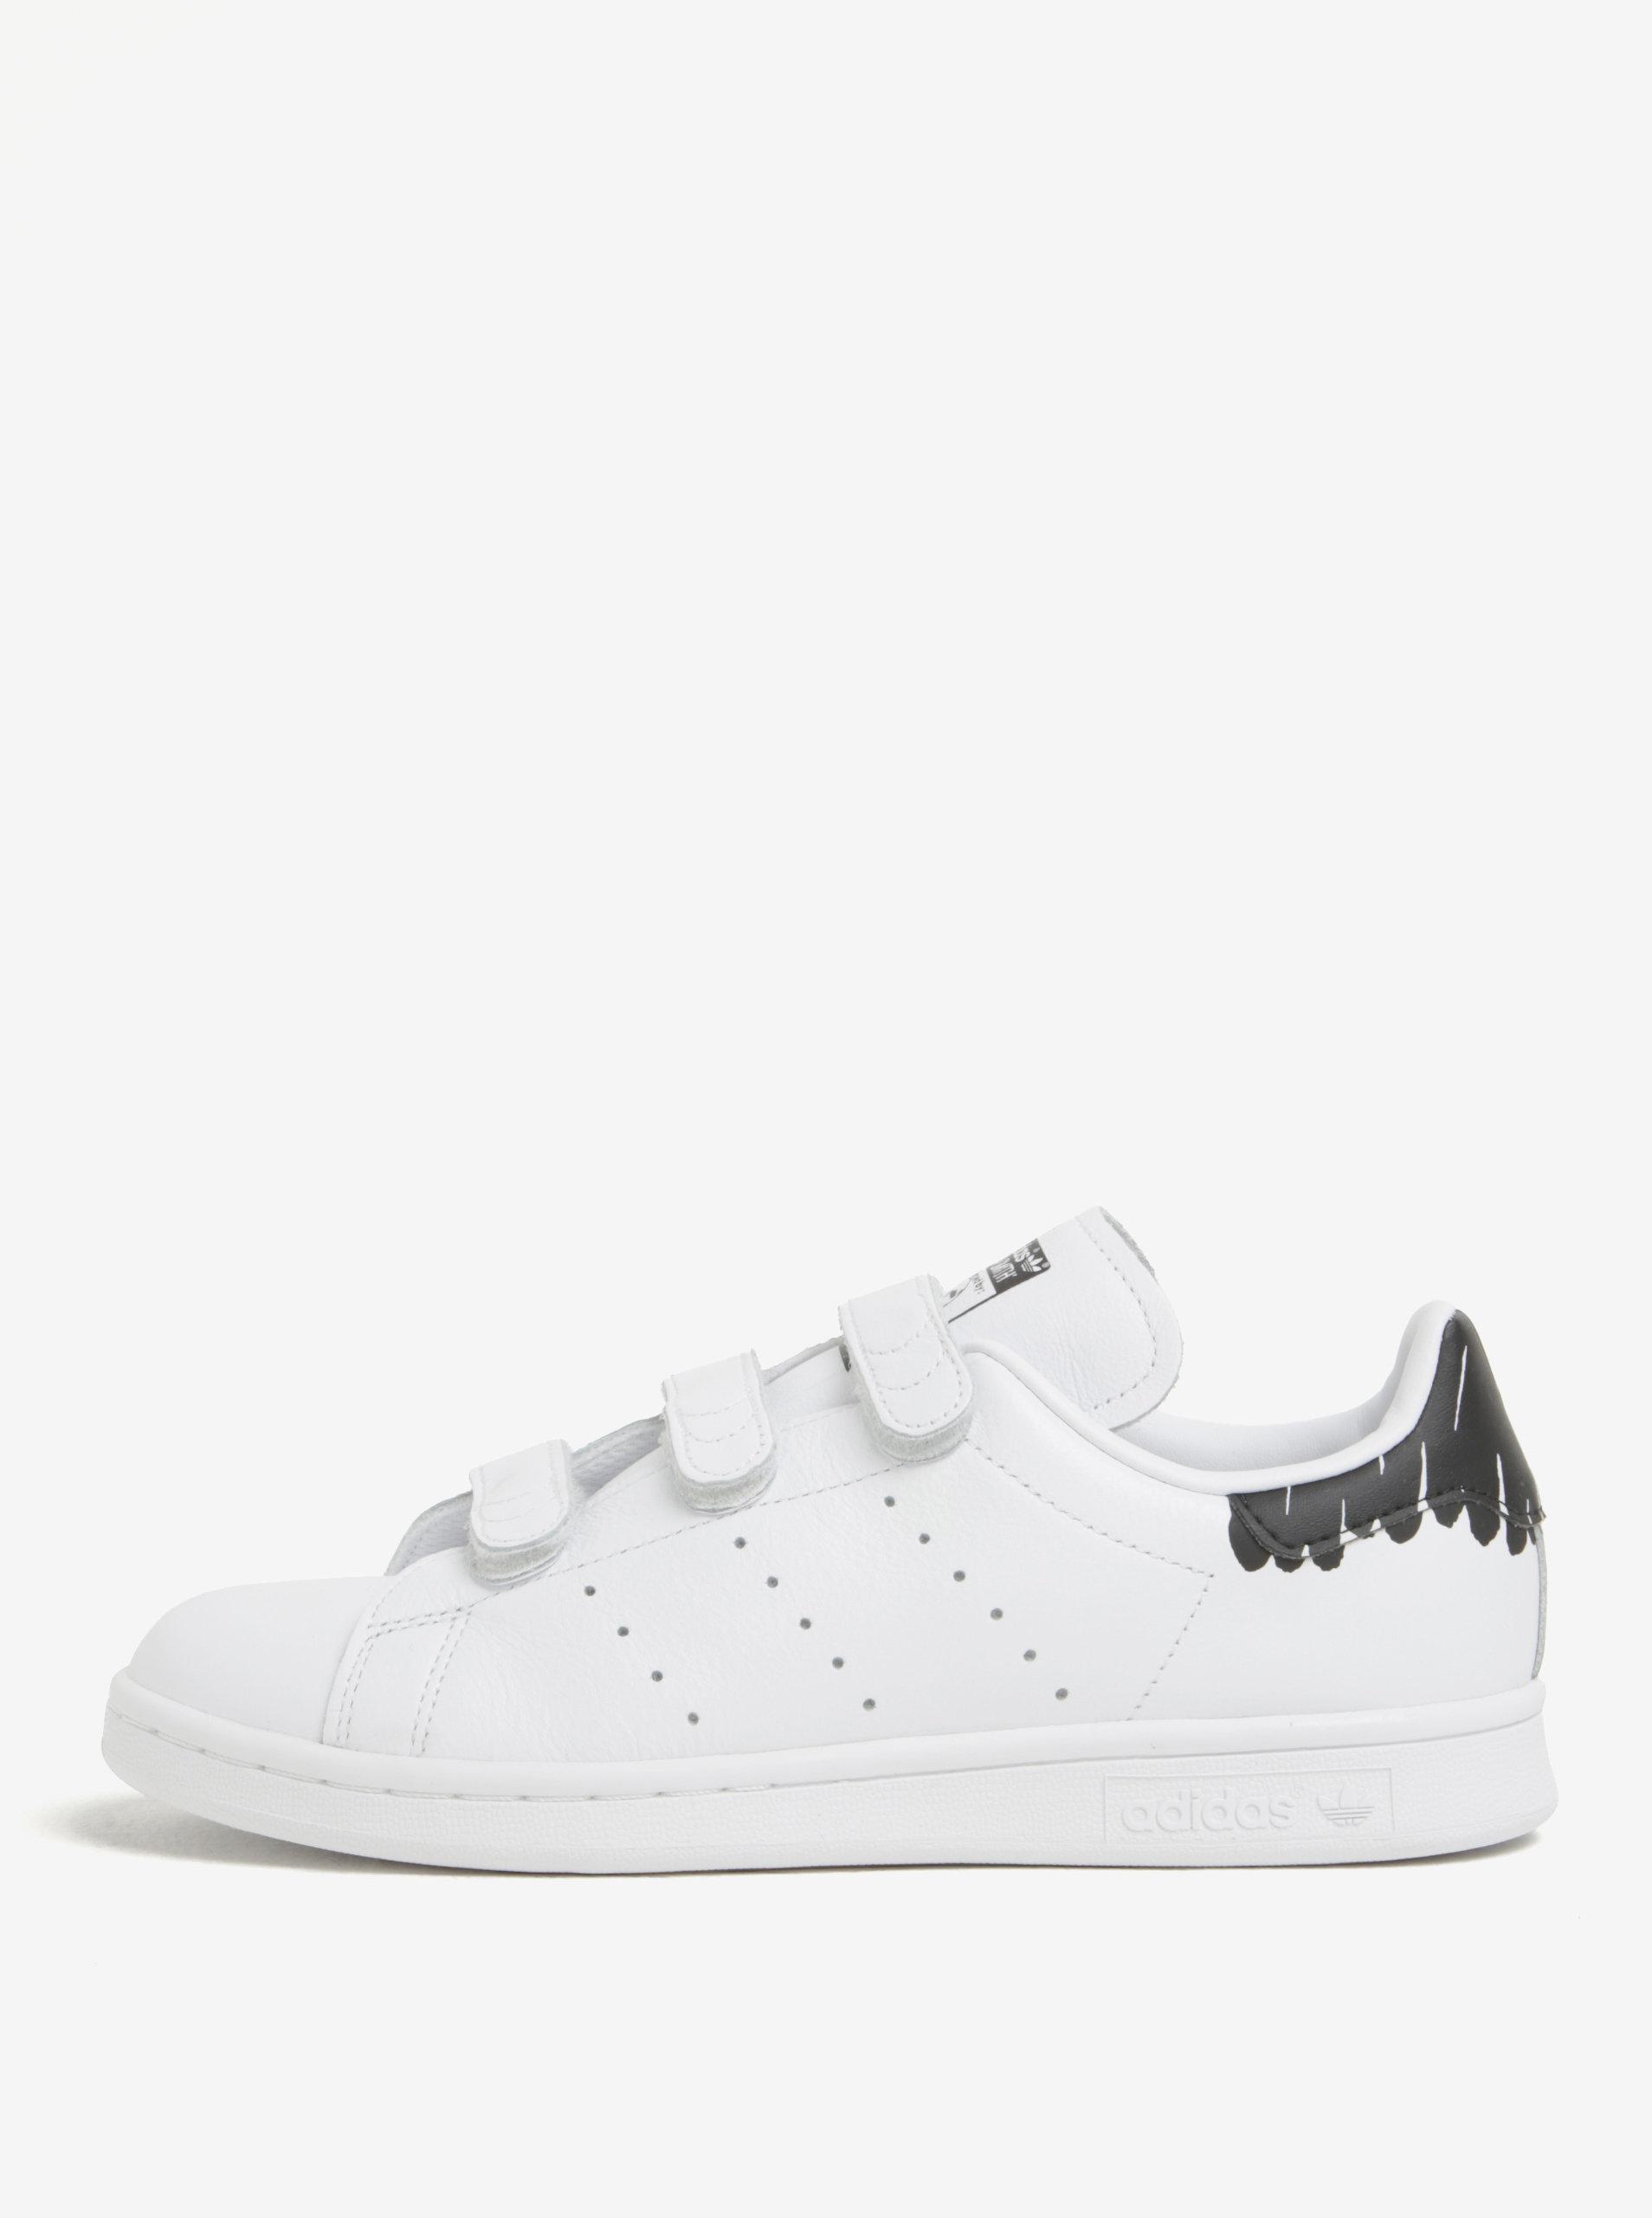 Biele dámske tenisky na suchý zips adidas Originals Stan Smith ... 7f1f2ab8011